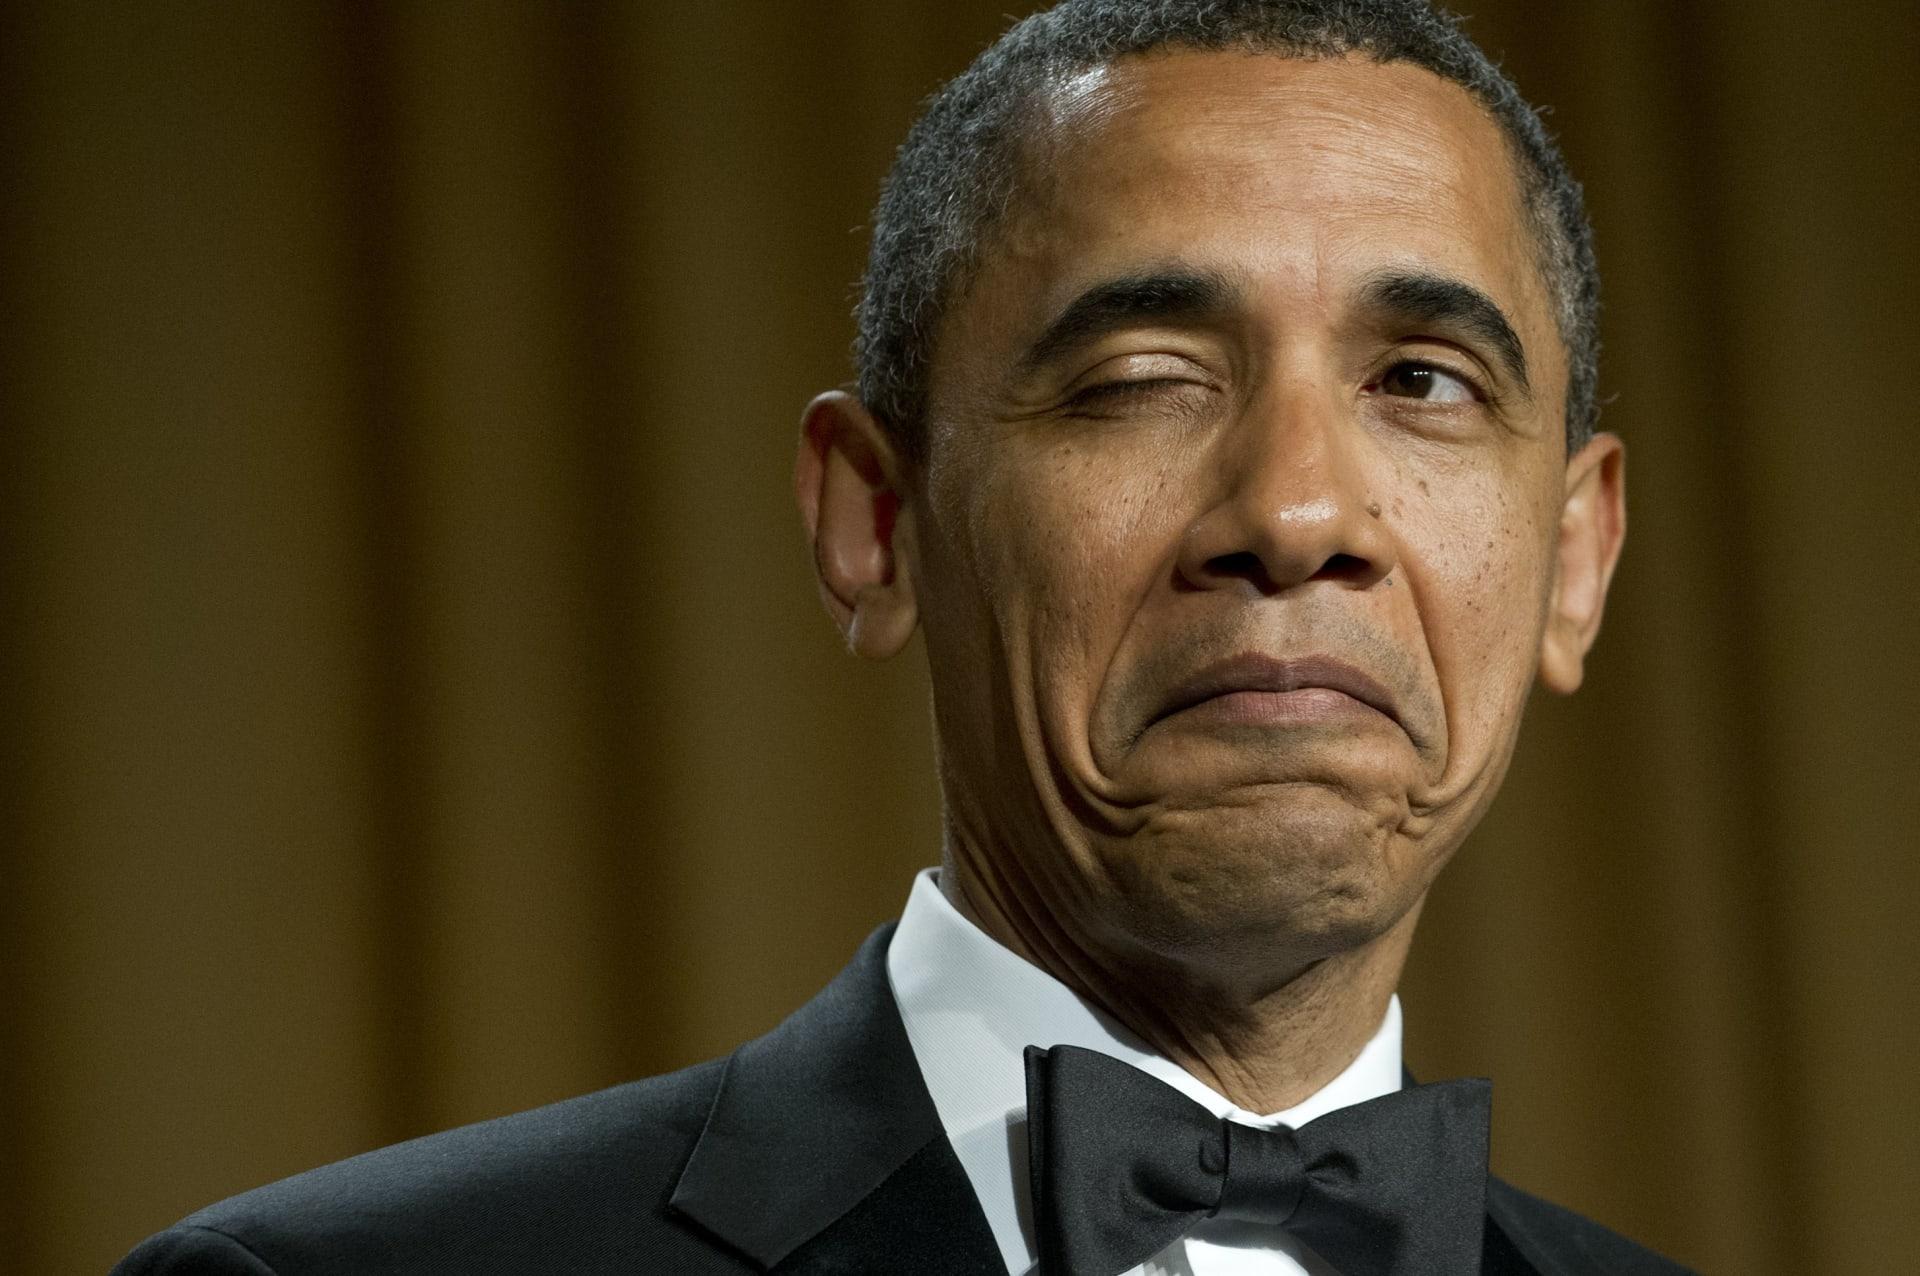 هل تريد الاطمئنان على صحة أوباما منذ دخوله البيت الأبيض؟ خسارة في الوزن وزيادة في الطول وهذه الأدوية هي التي يتناولها